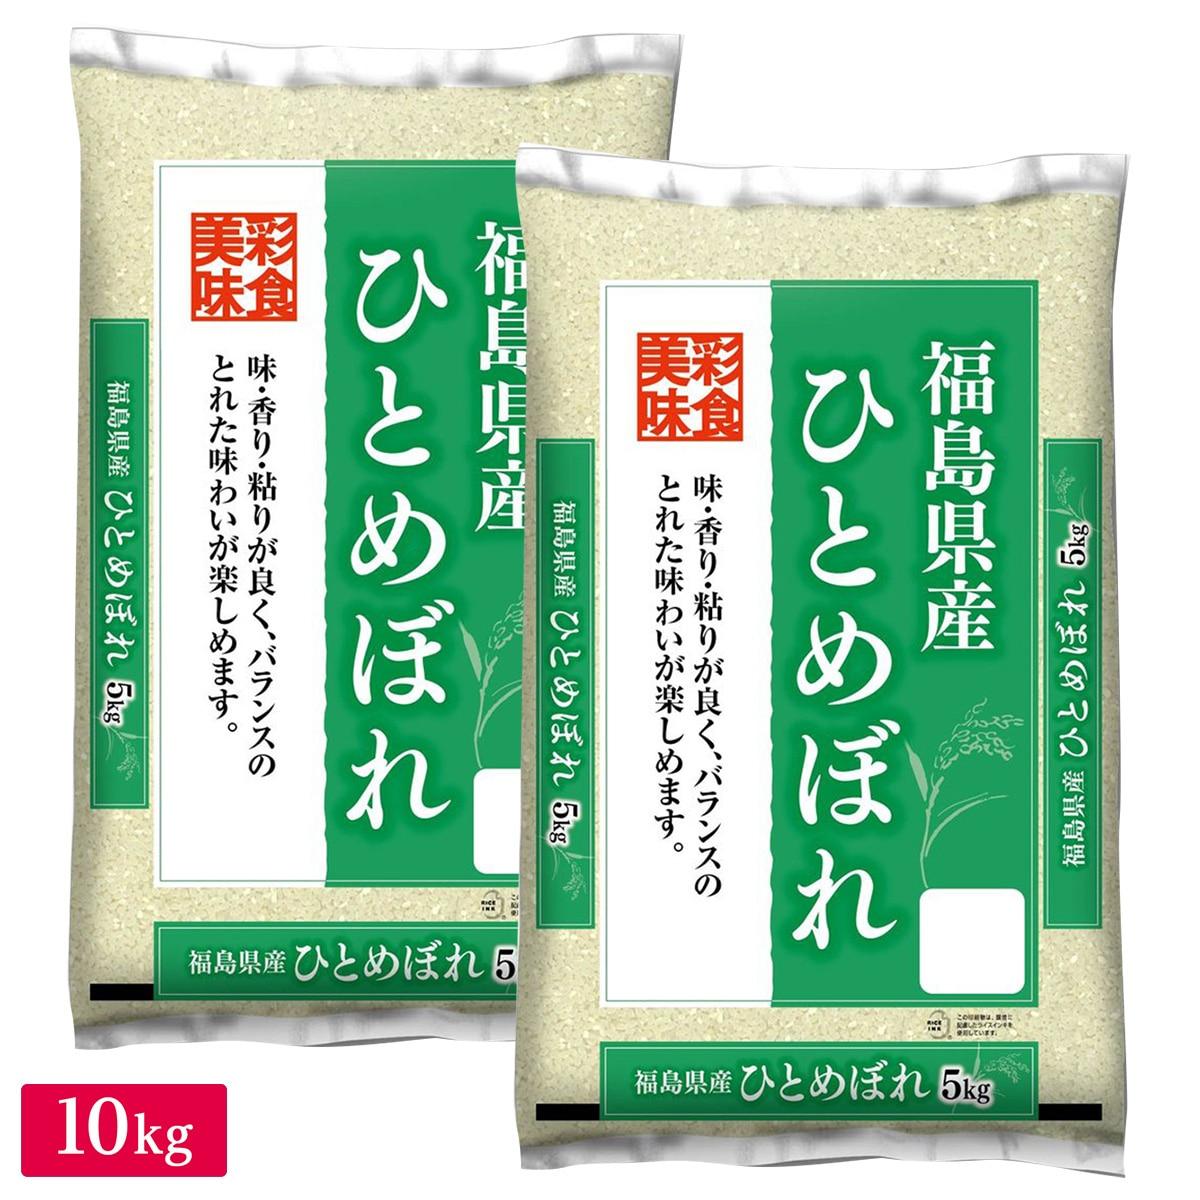 むらせライス ■【精米】【新米】令和元年産 福島ひとめぼれ 10kg(5kg×2) 21961